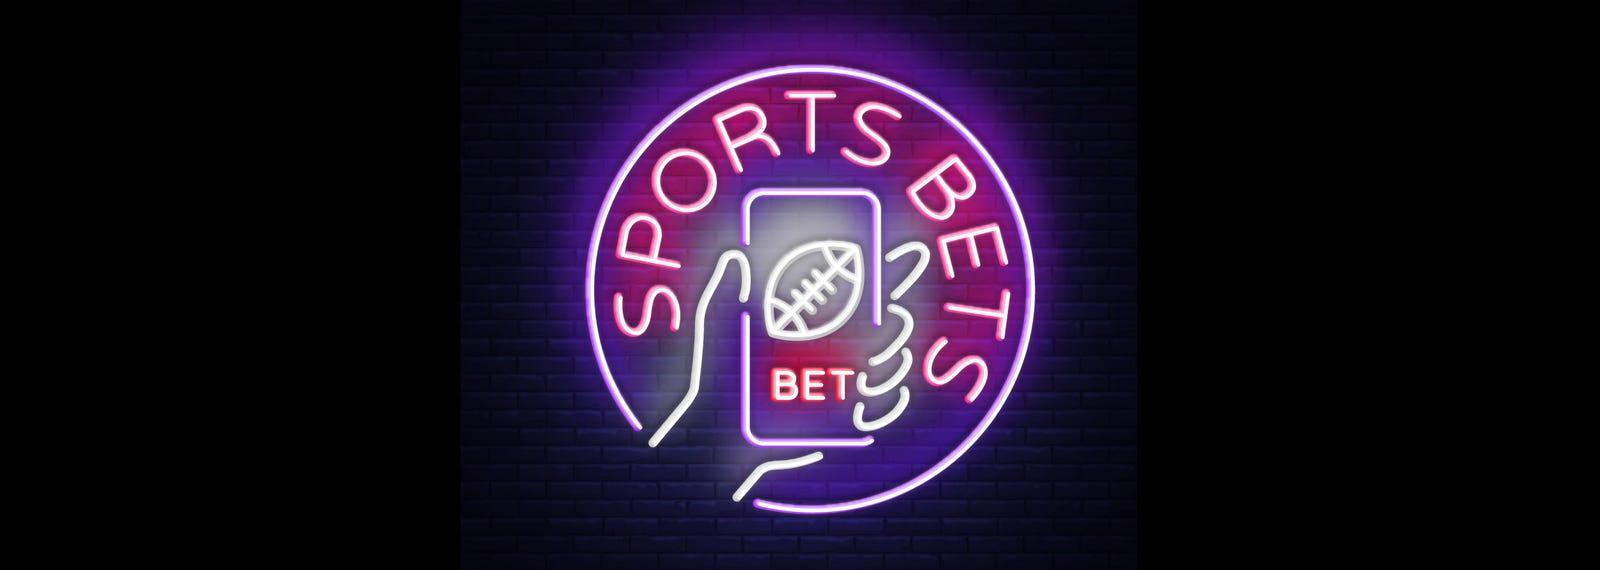 https://www.gannett-cdn.com/indepth-static-assets/uploads/master/5686836001/d35f6a98-c130-4b3b-8b06-09072f4255d6-topper-sports-betting2.jpg